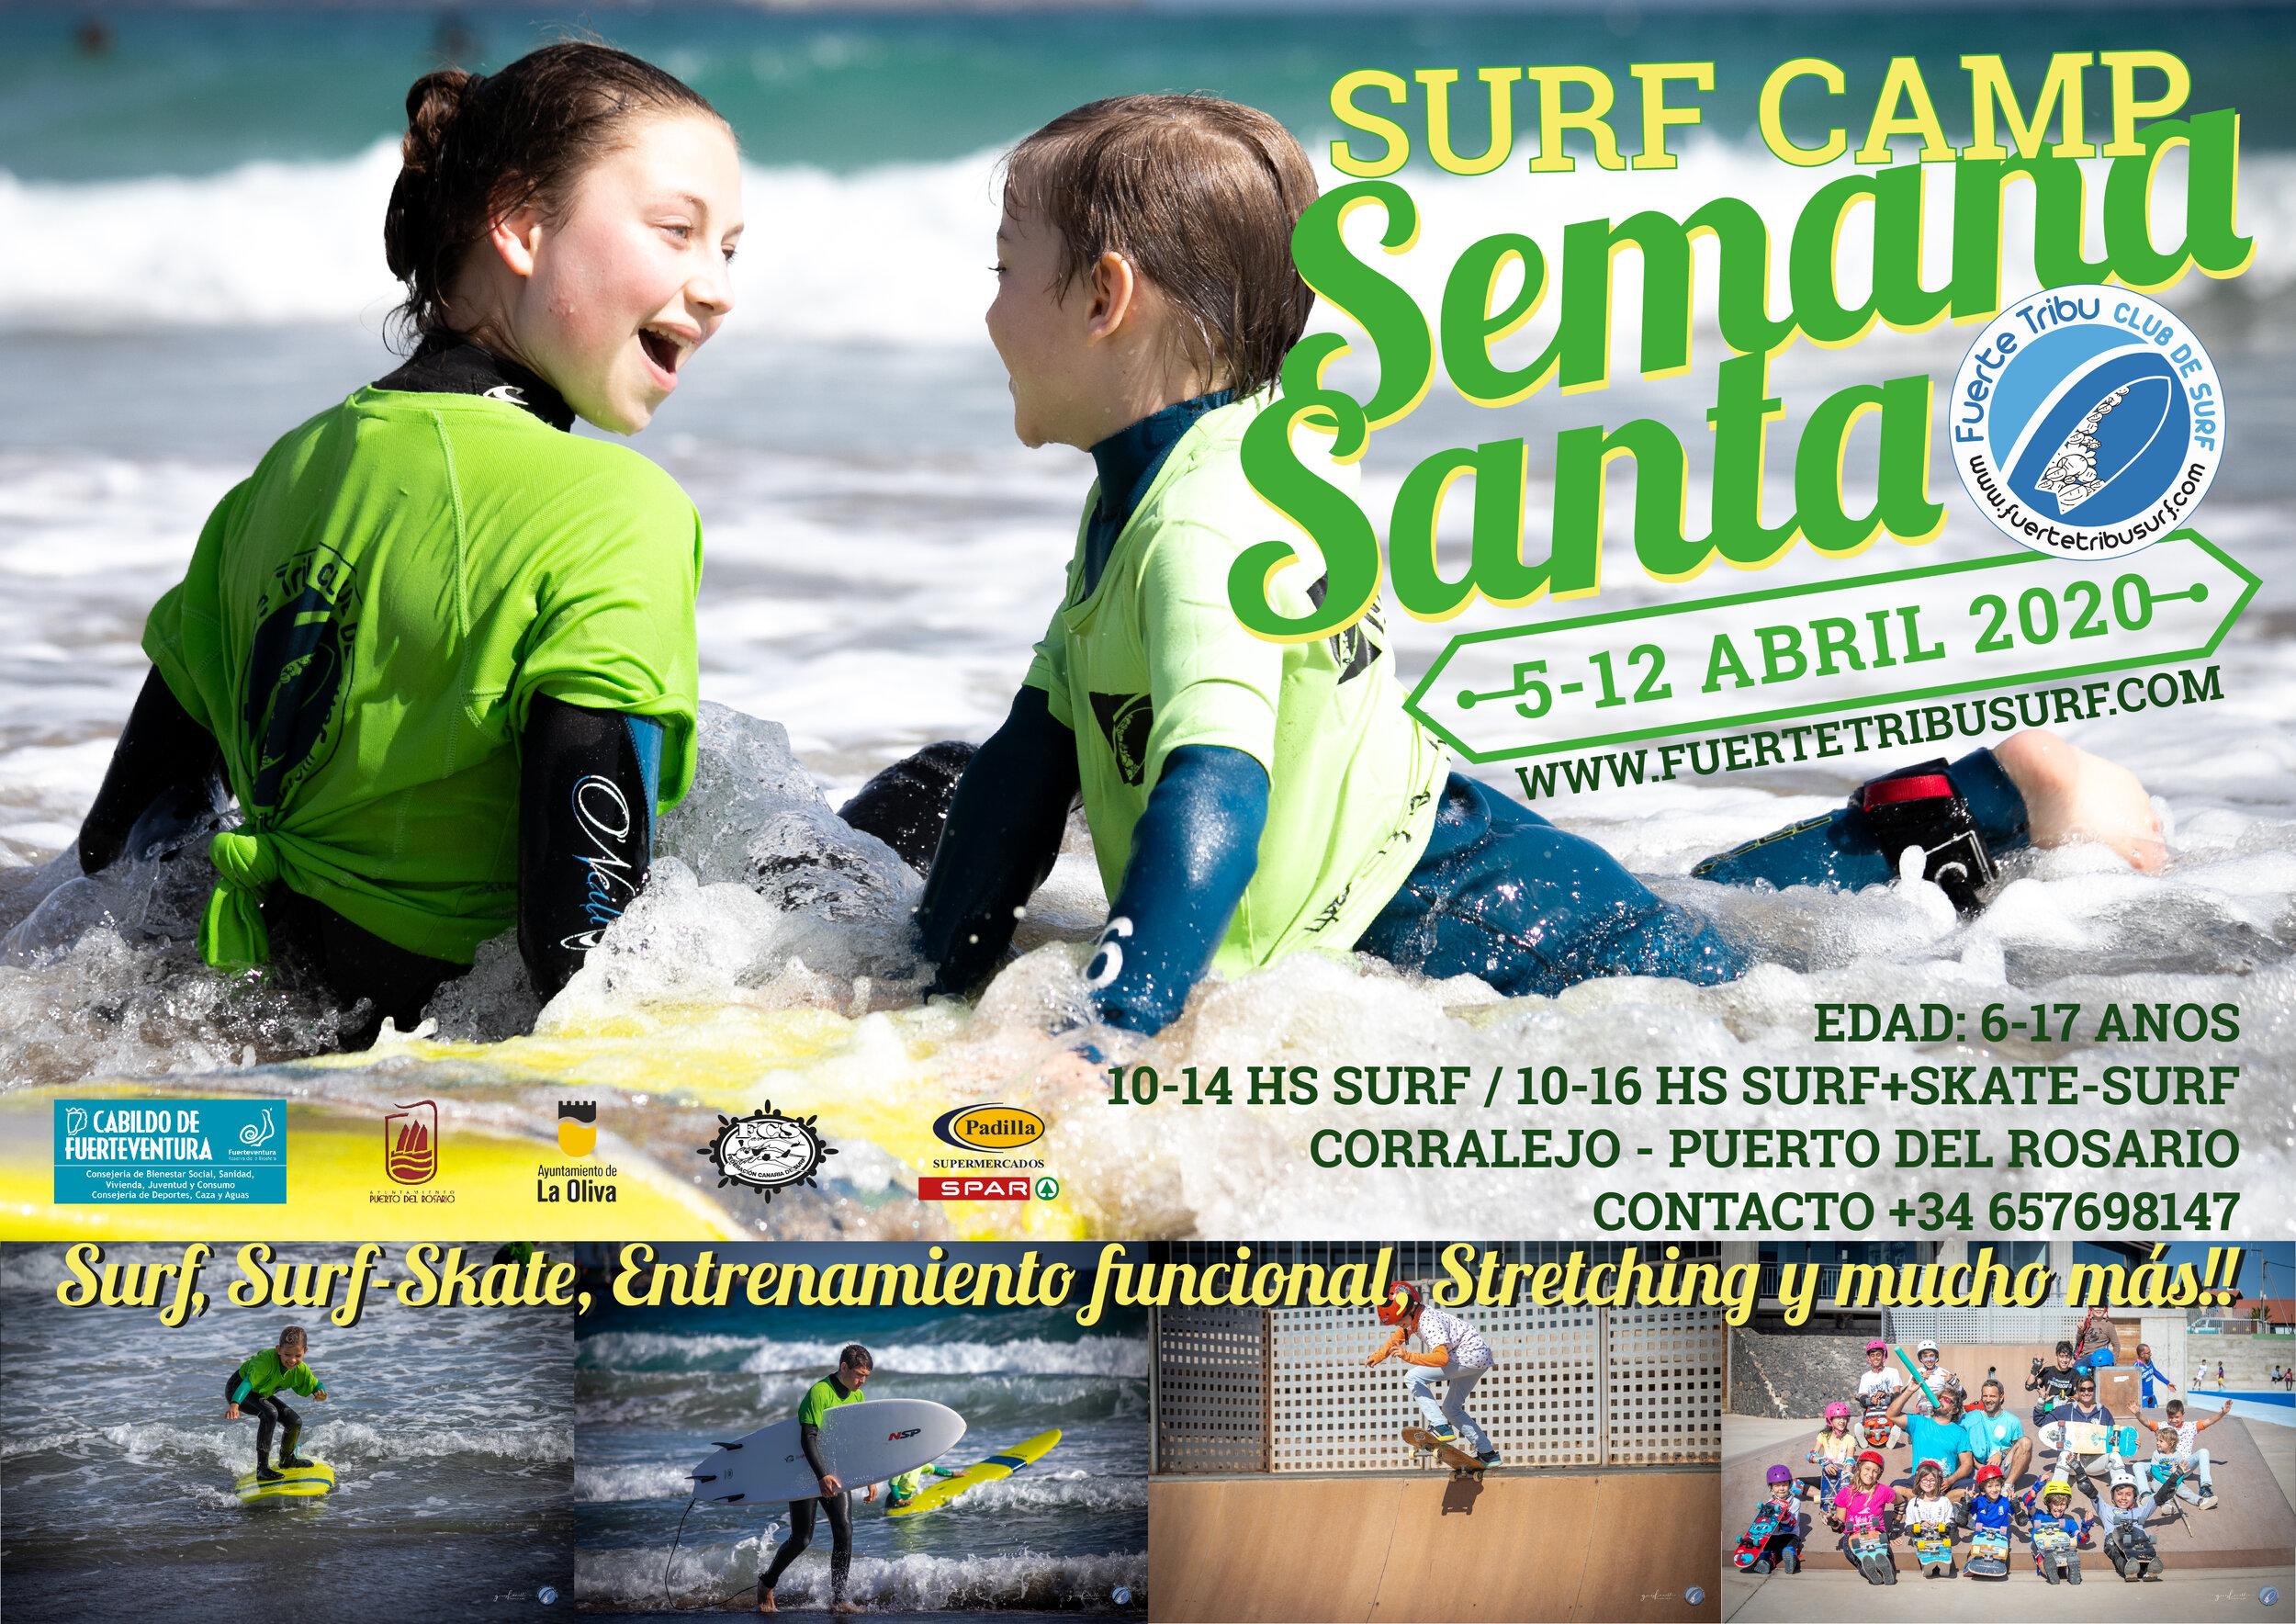 SEMANASANTA2020-01.jpg